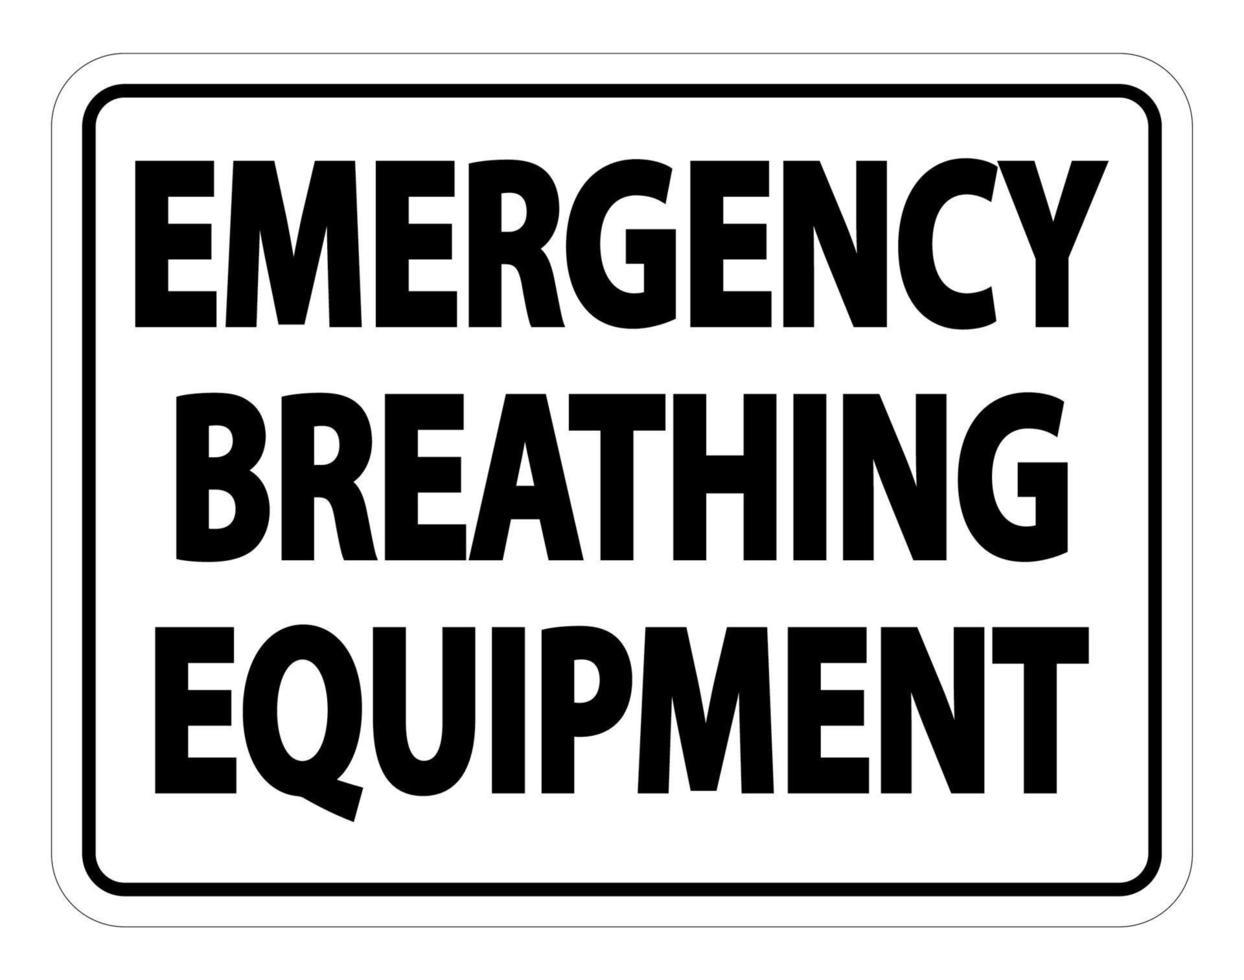 équipement de respiration d'urgence signe sur fond blanc vecteur